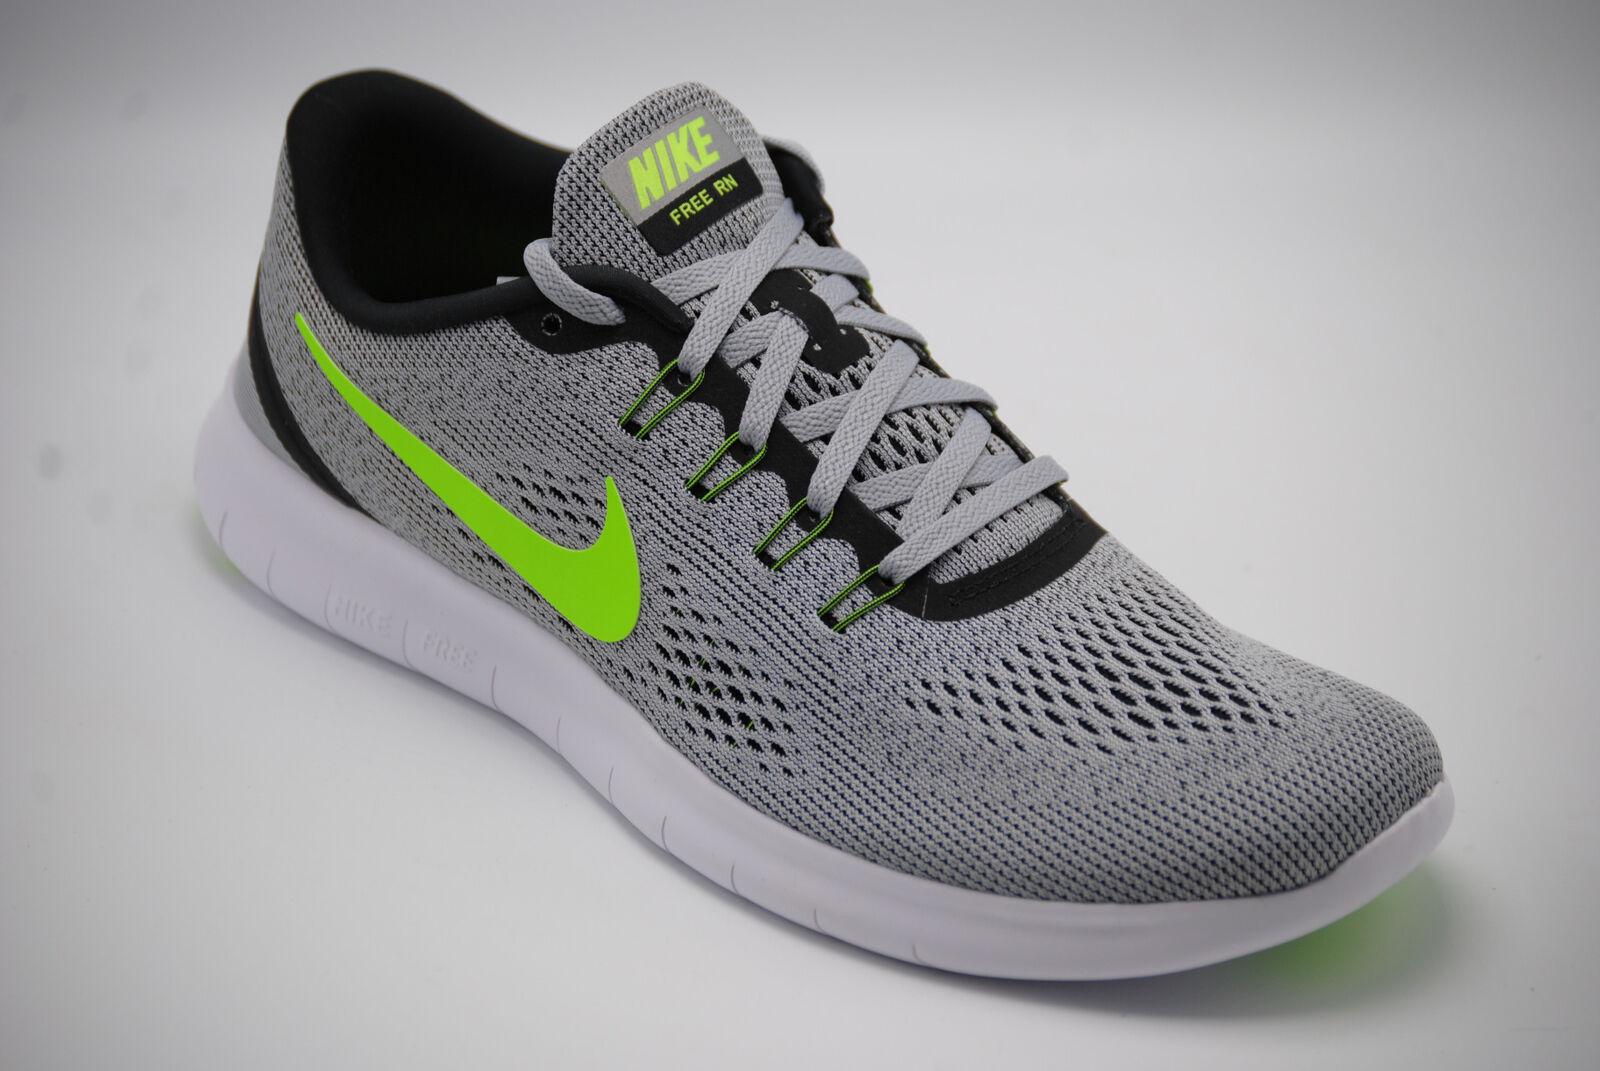 Nike free rn männer männer männer laufschuhe 831508 003 mehrere größen b69189